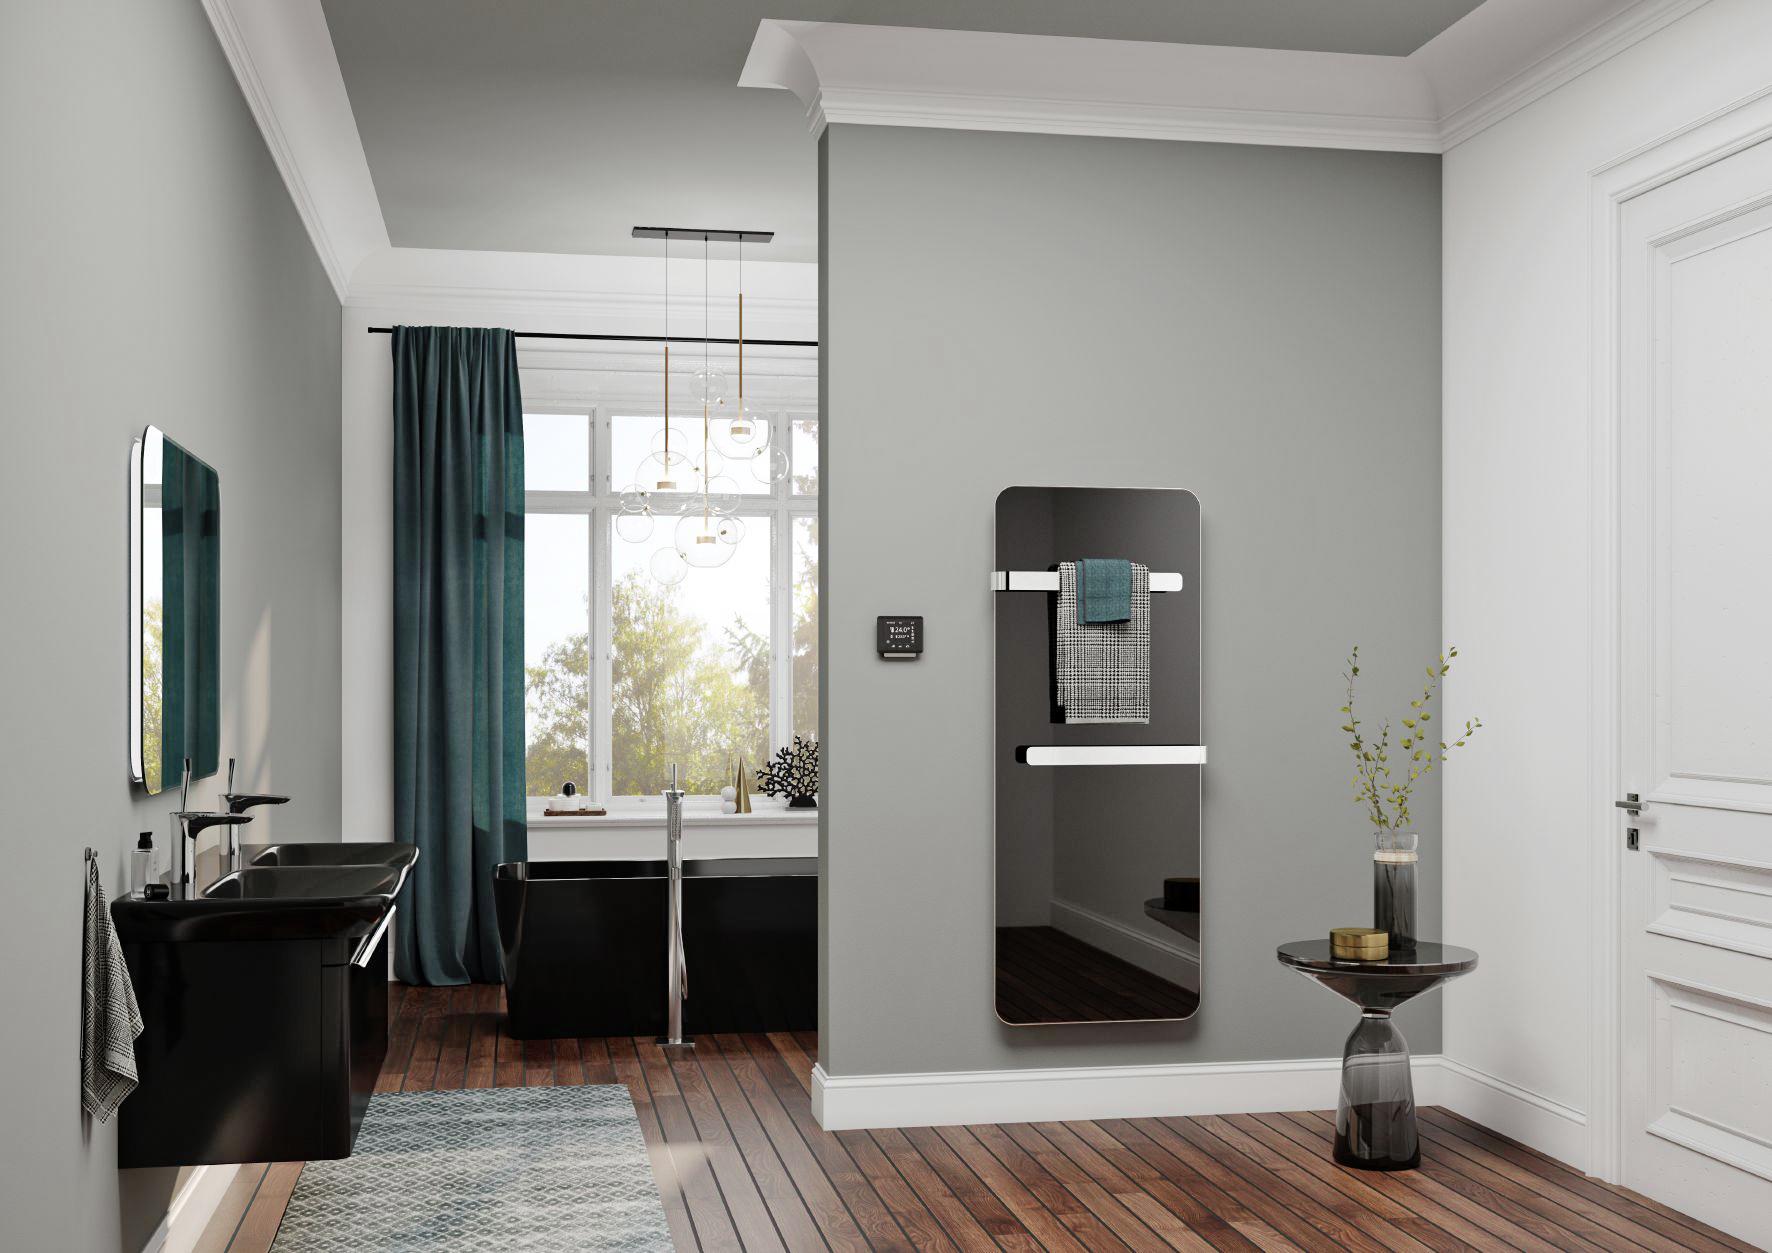 Heizen mit Infrarot im Badezimmer 20 Vor  und Nachteile   Haustec